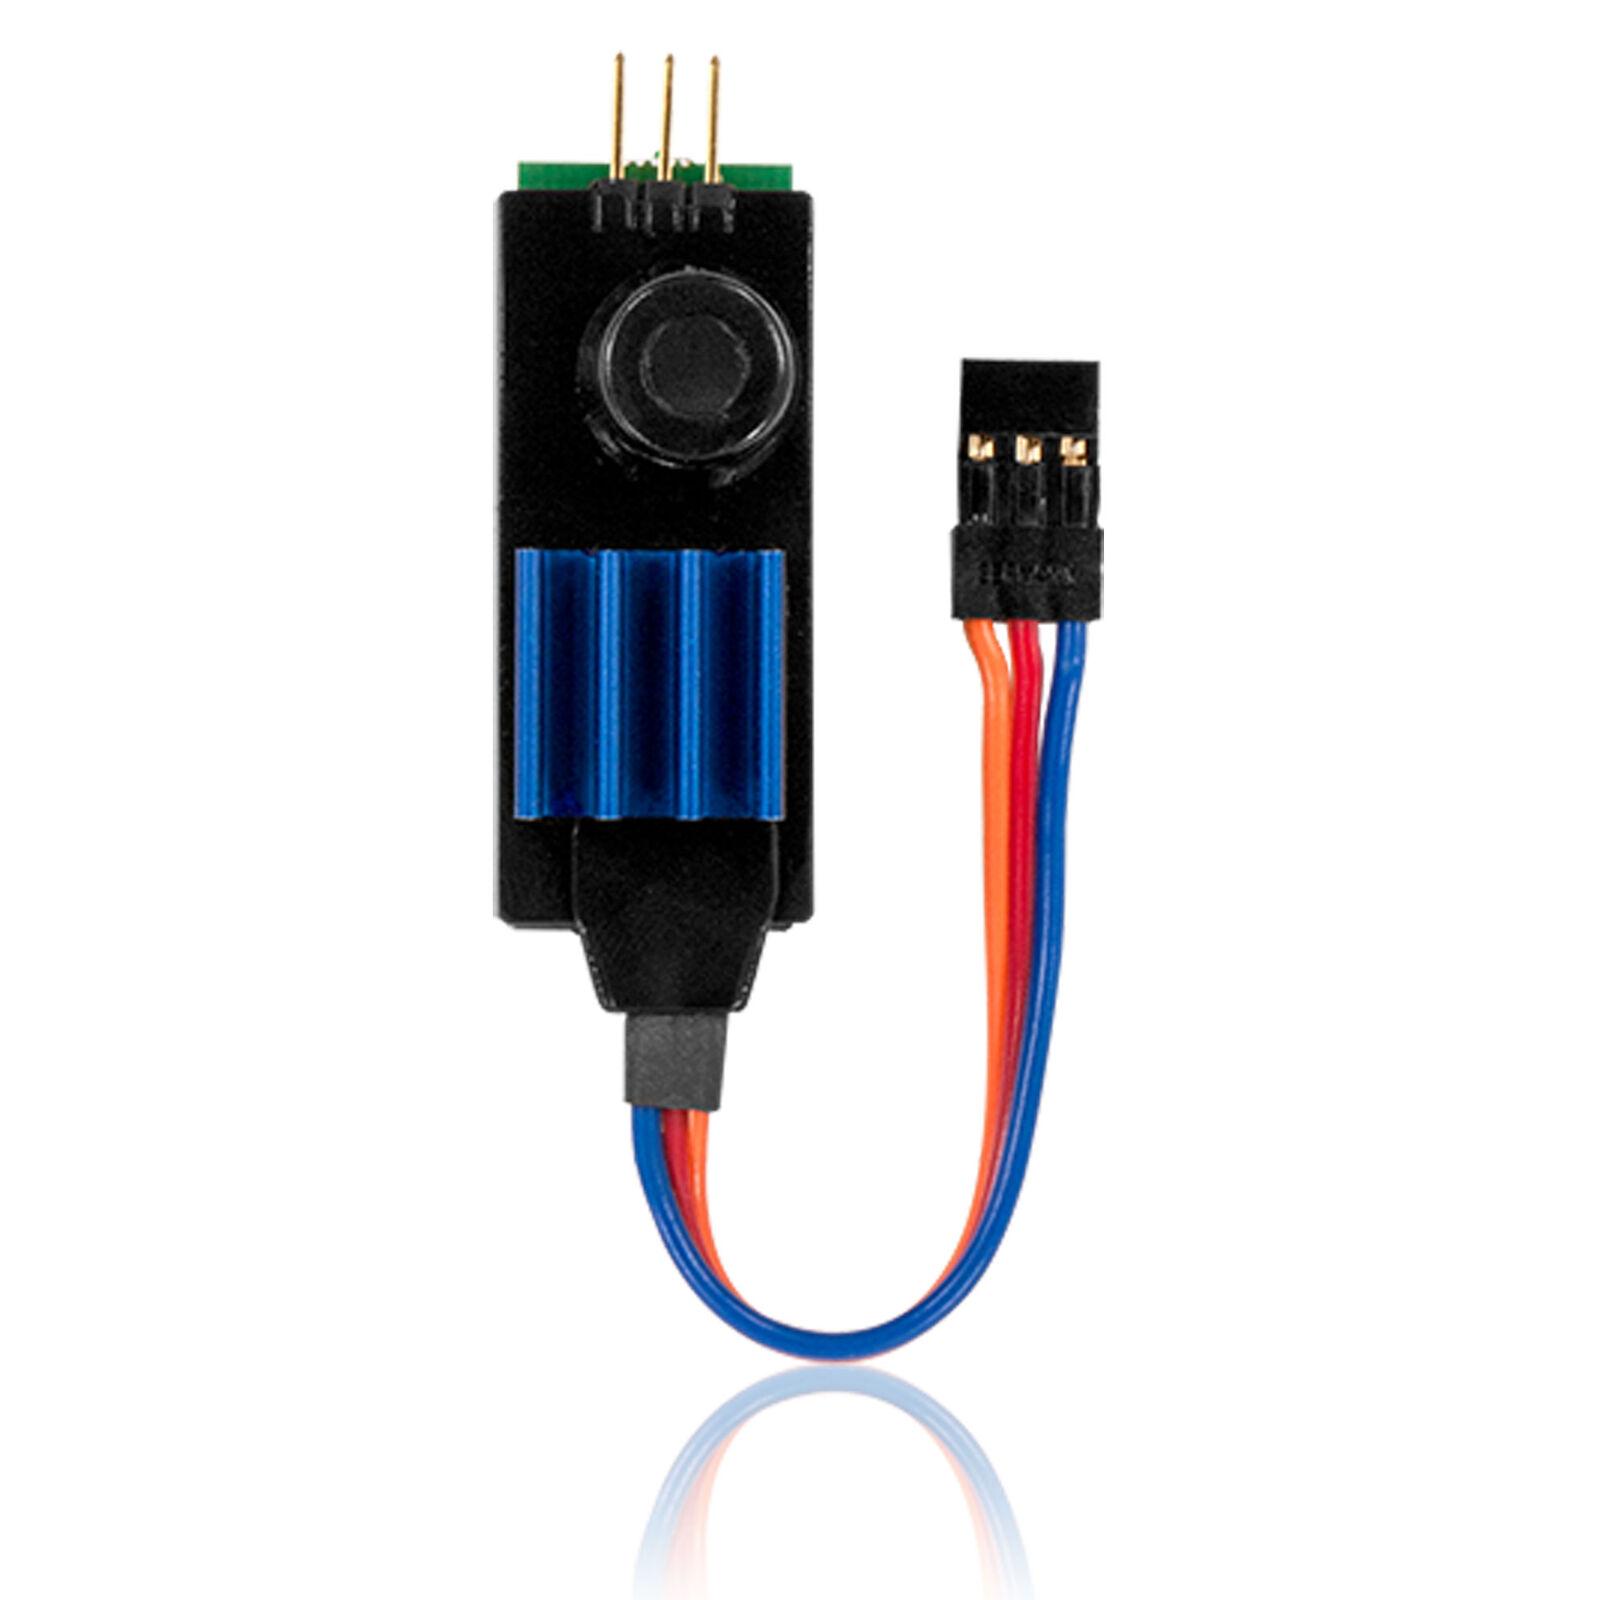 Voltage regulator linear 5.9V regulated output